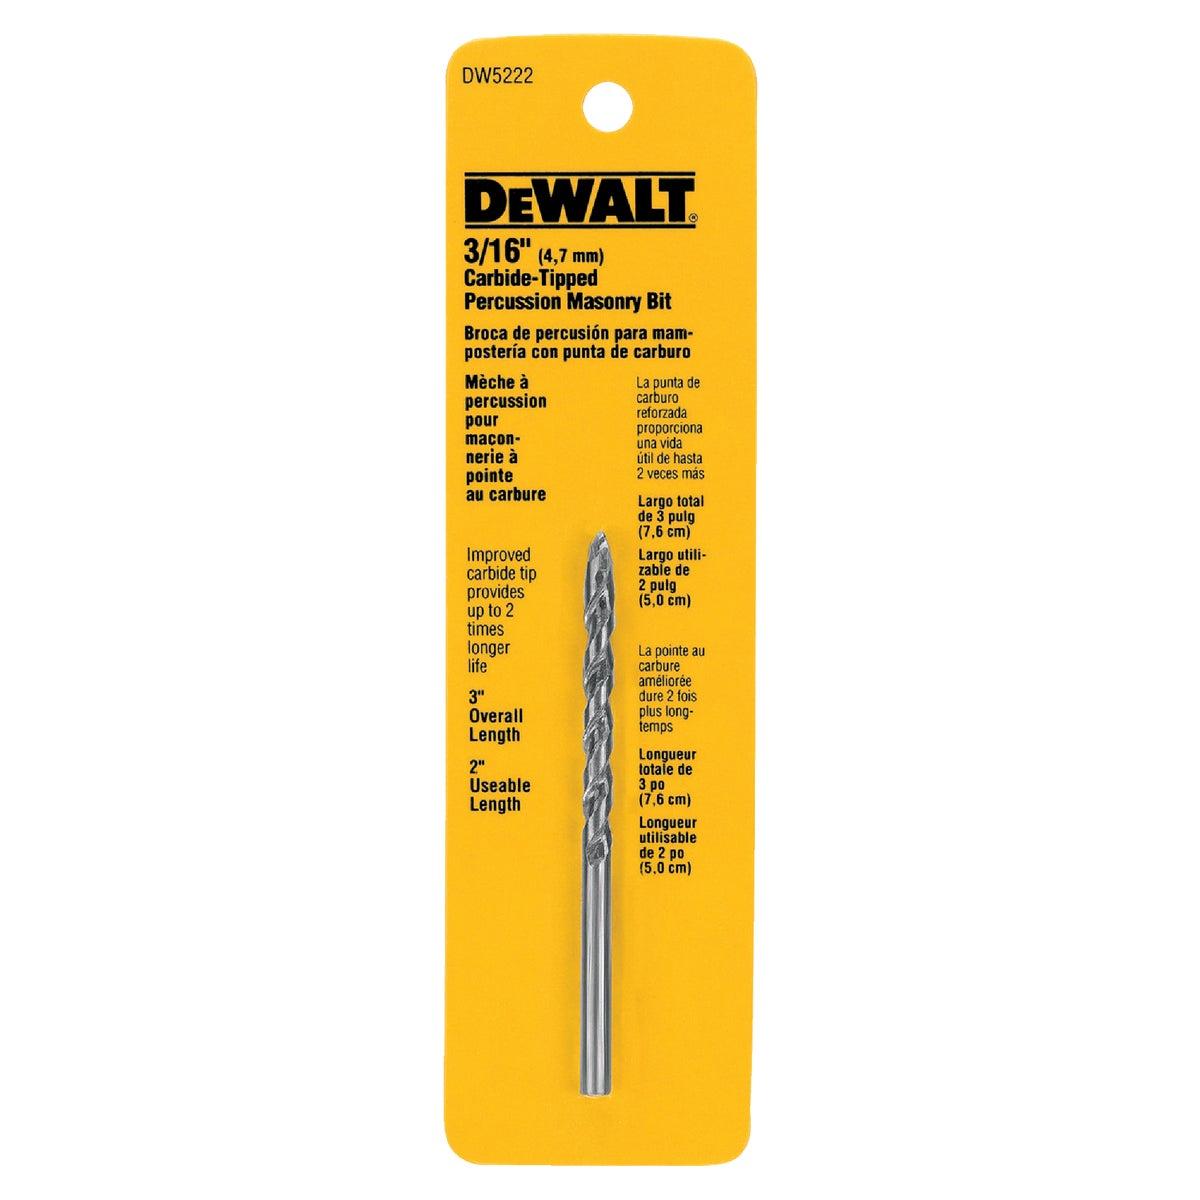 3/16X3 MASONRY DRILL BIT - DW5222 by DeWalt